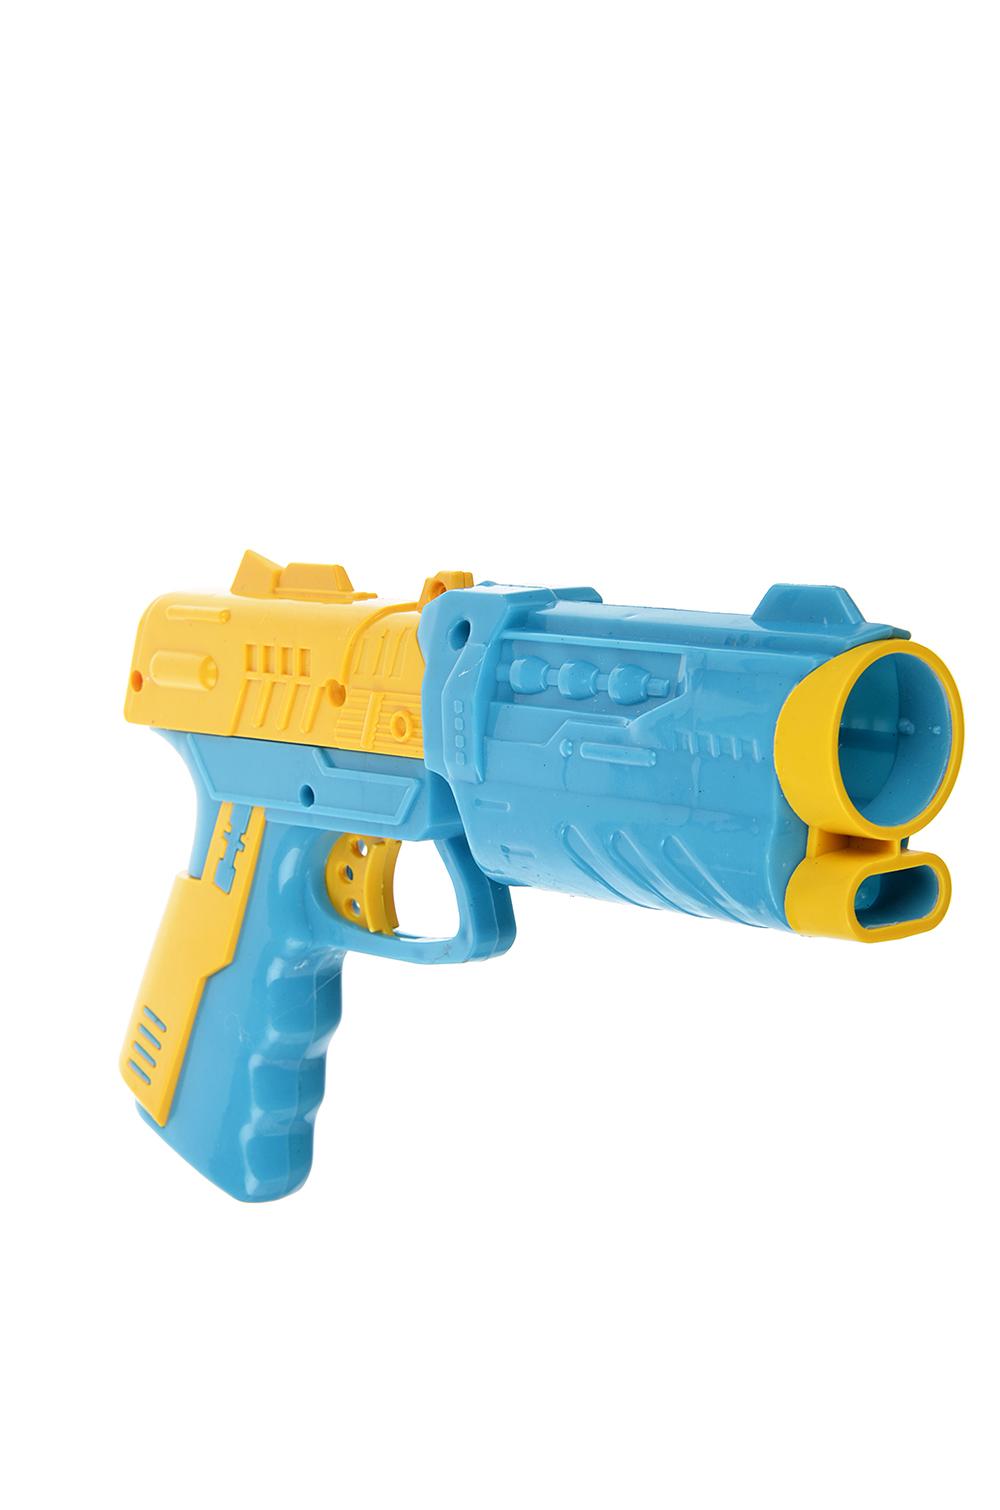 ИГРОЛЕНД Пистолет стреляющий шариками, 4 шарика, PP,PVC, 17х28,5х4см, 3 дизайна - 3